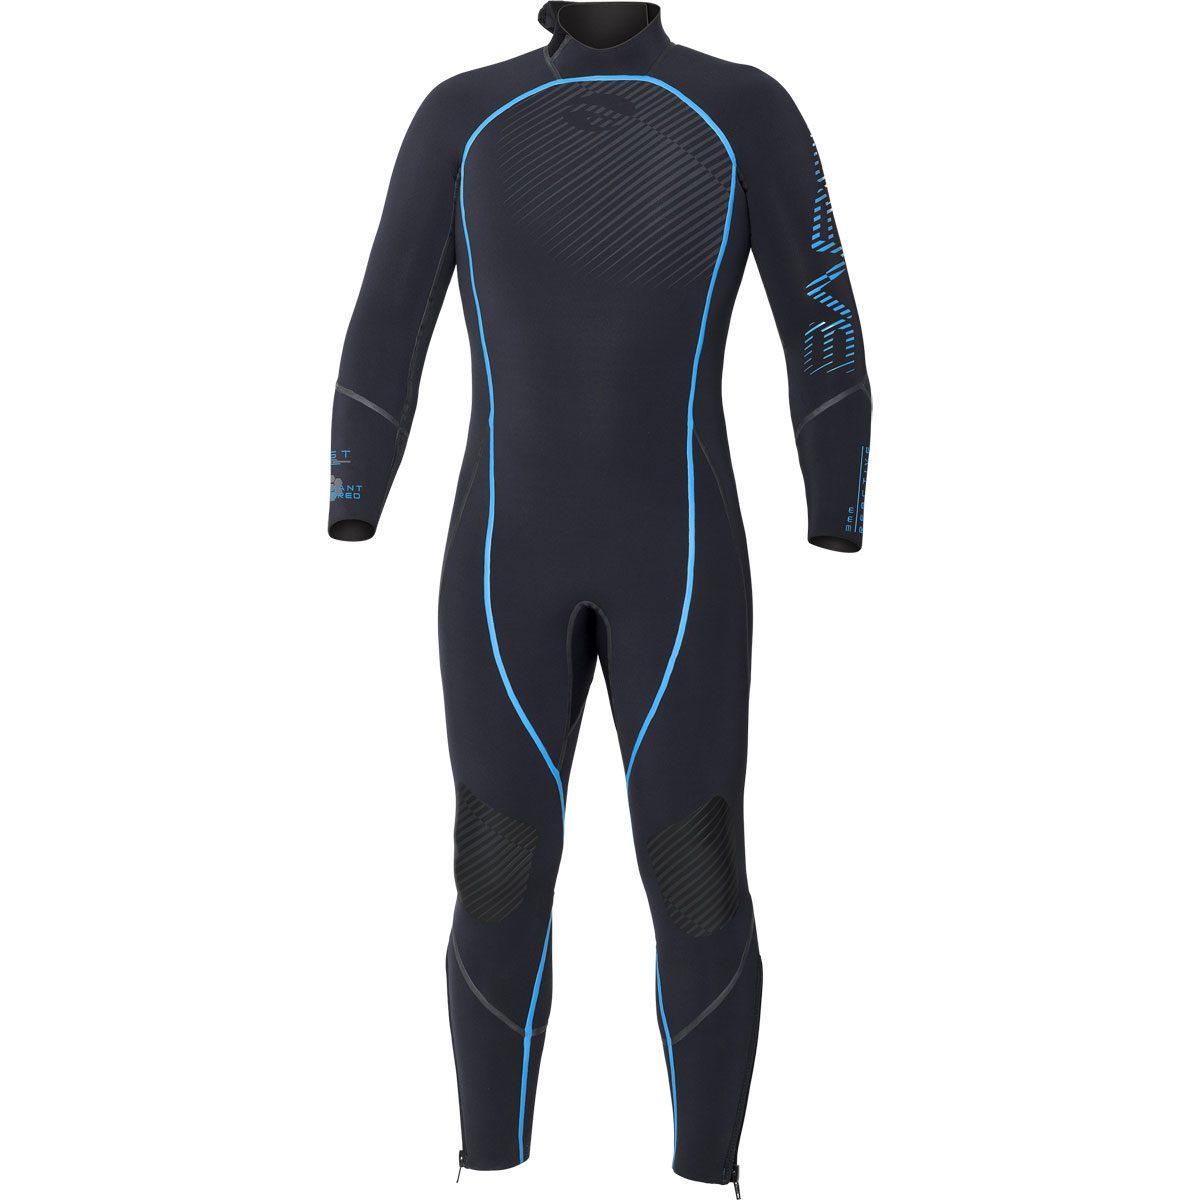 f40eb84e128 BARE Reactive Wet suit (Man) - Benthic Scuba